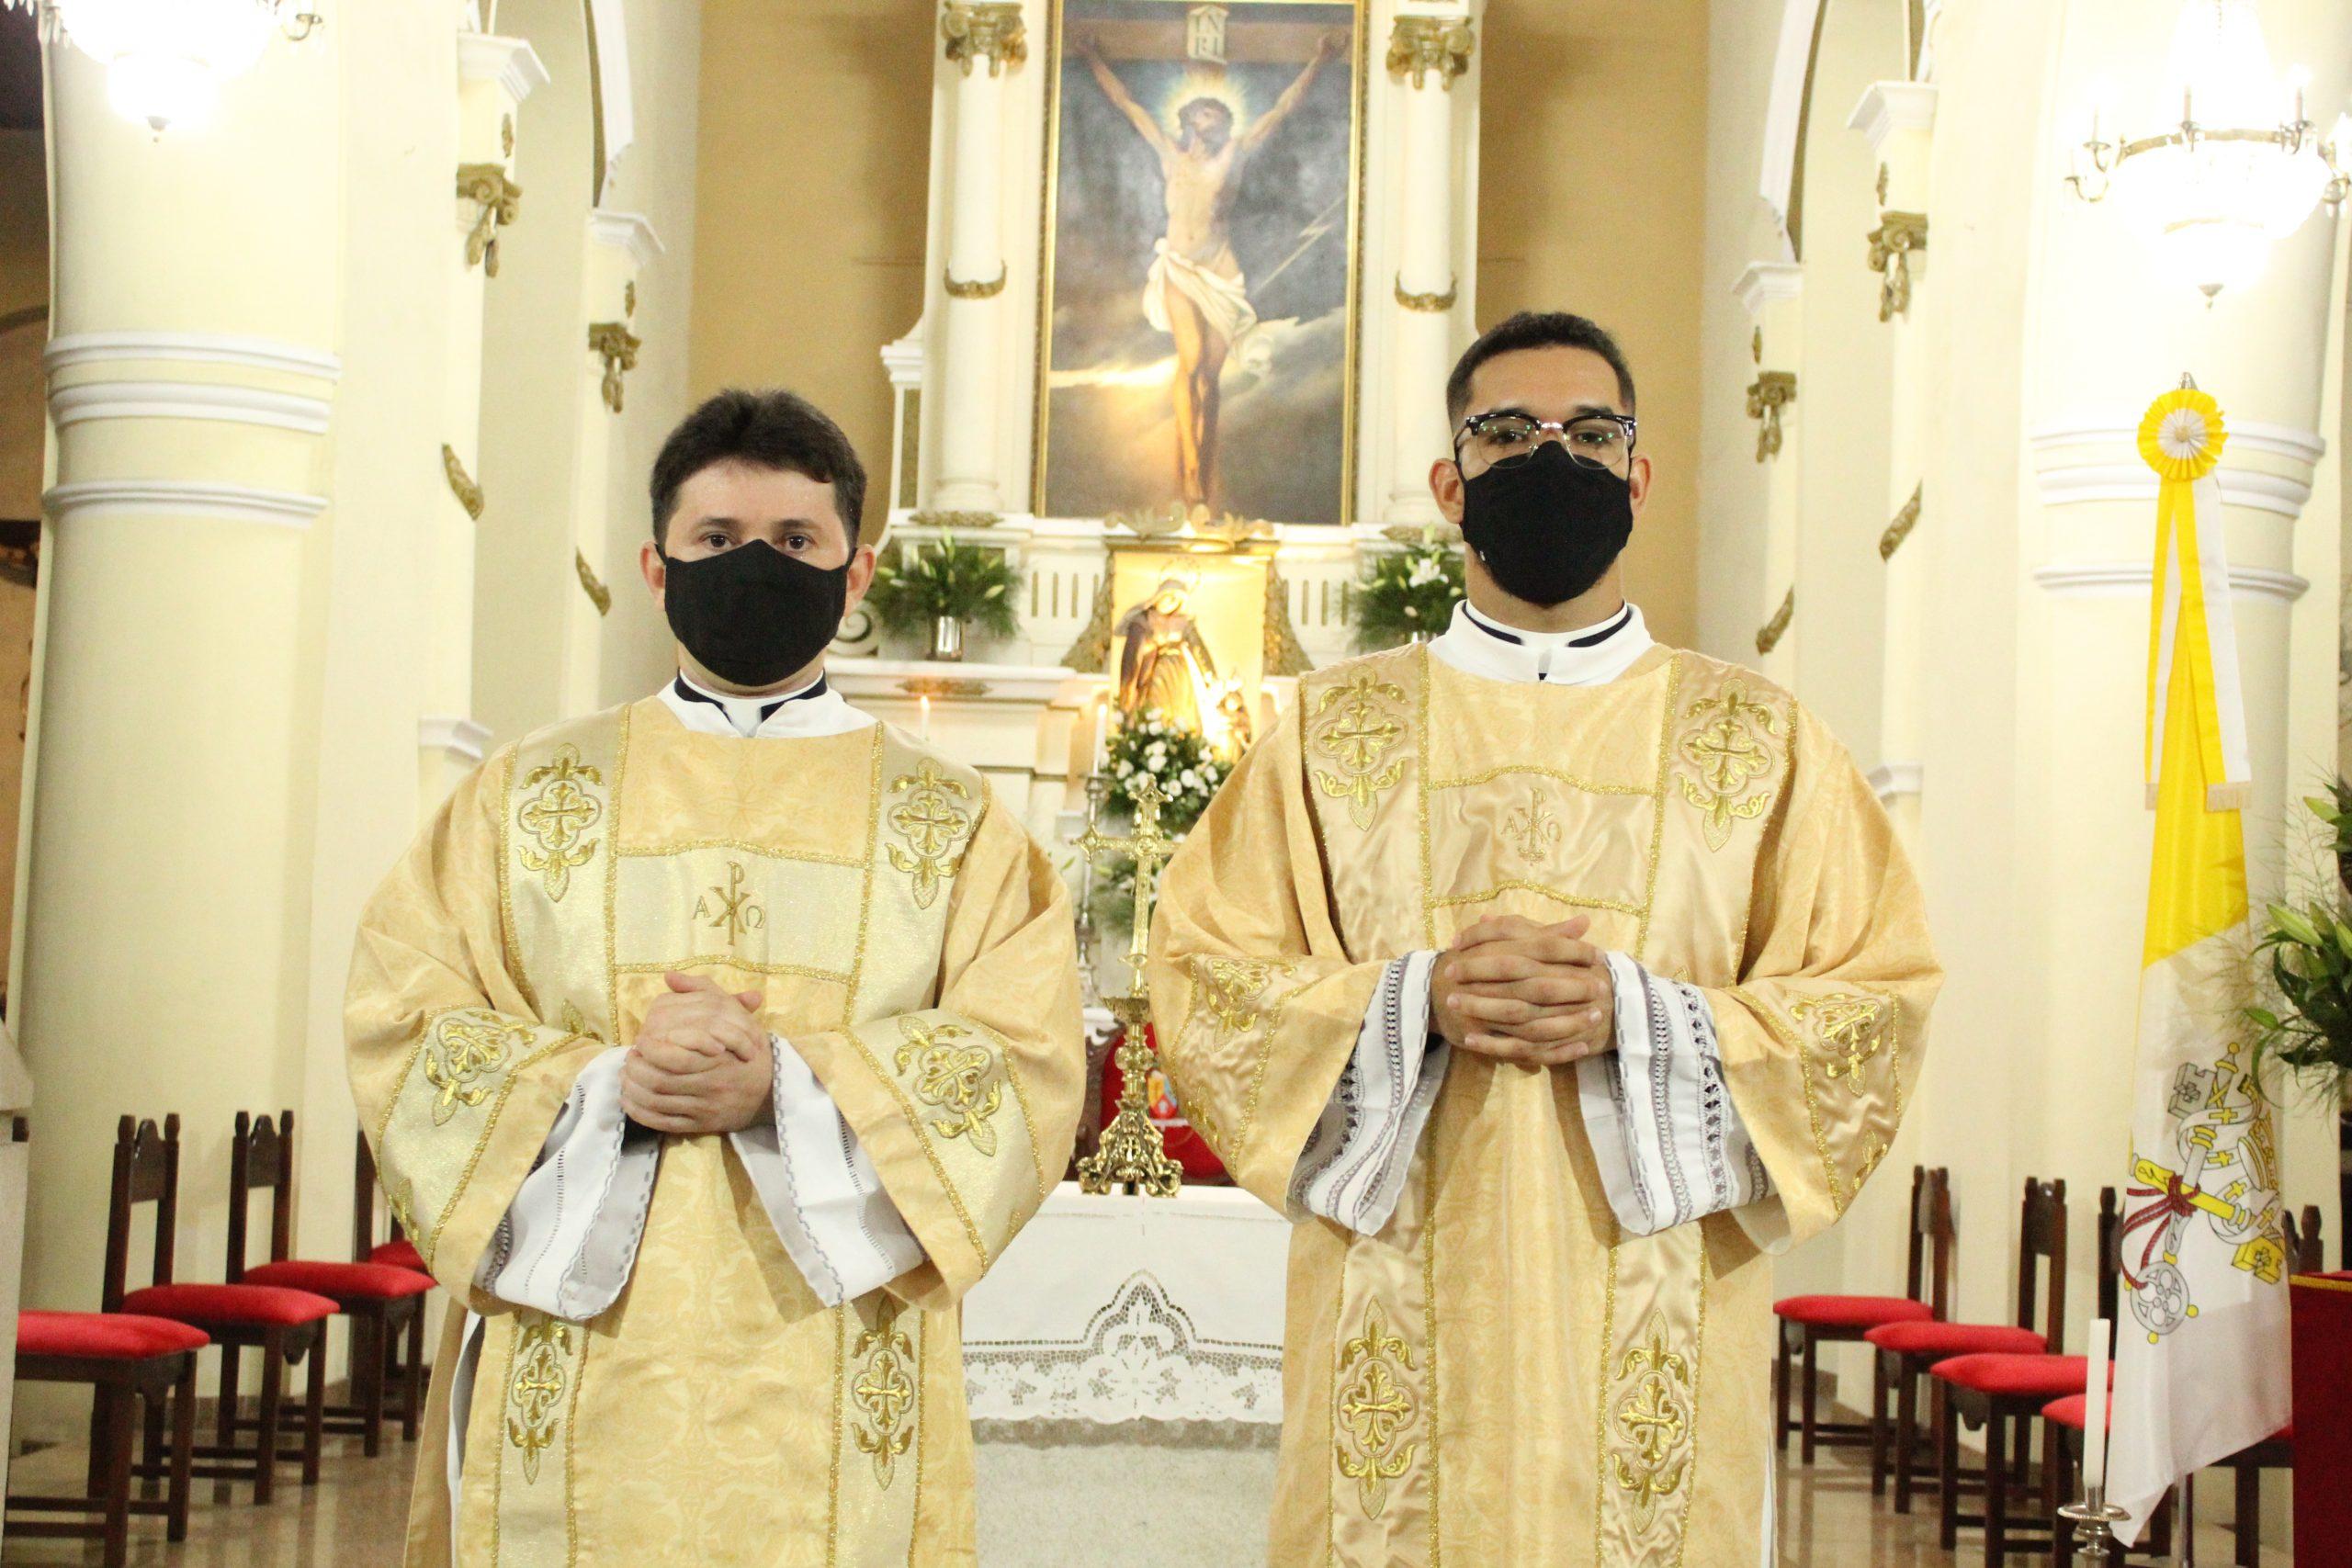 Ordenação Diaconal e Aniversário da Paróquia da Catedral na Solenidade de São José | 19/03/2021